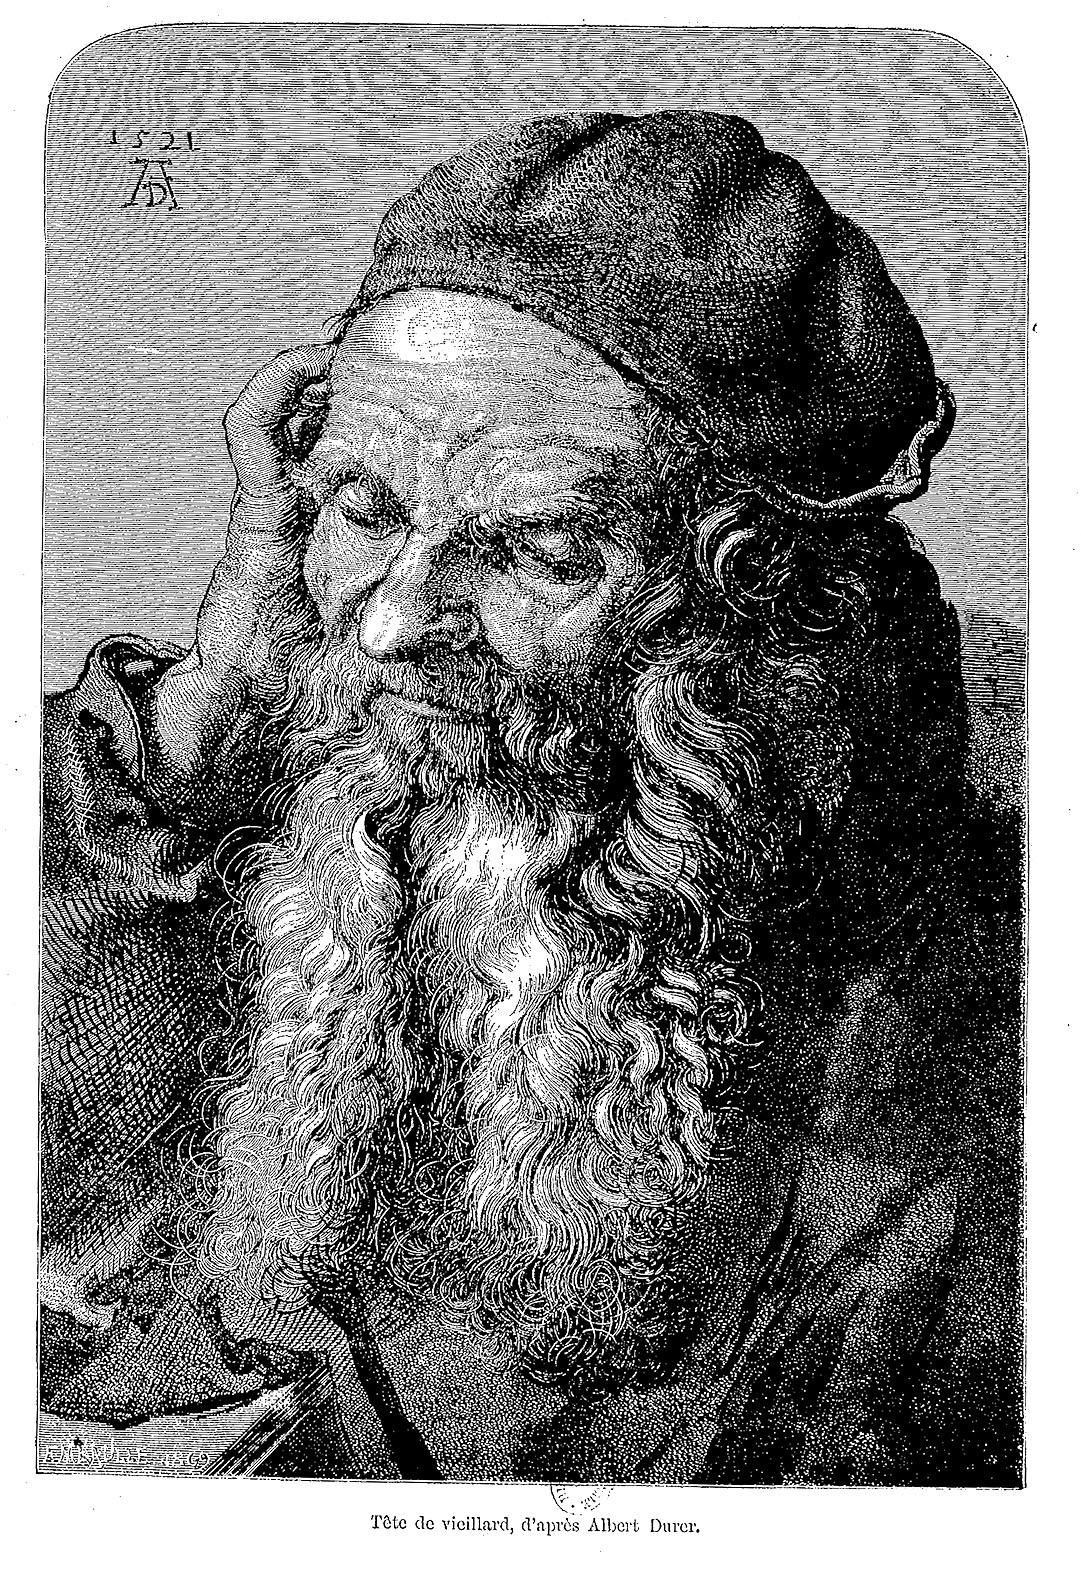 gravure tirée de la revue Le Musée universel